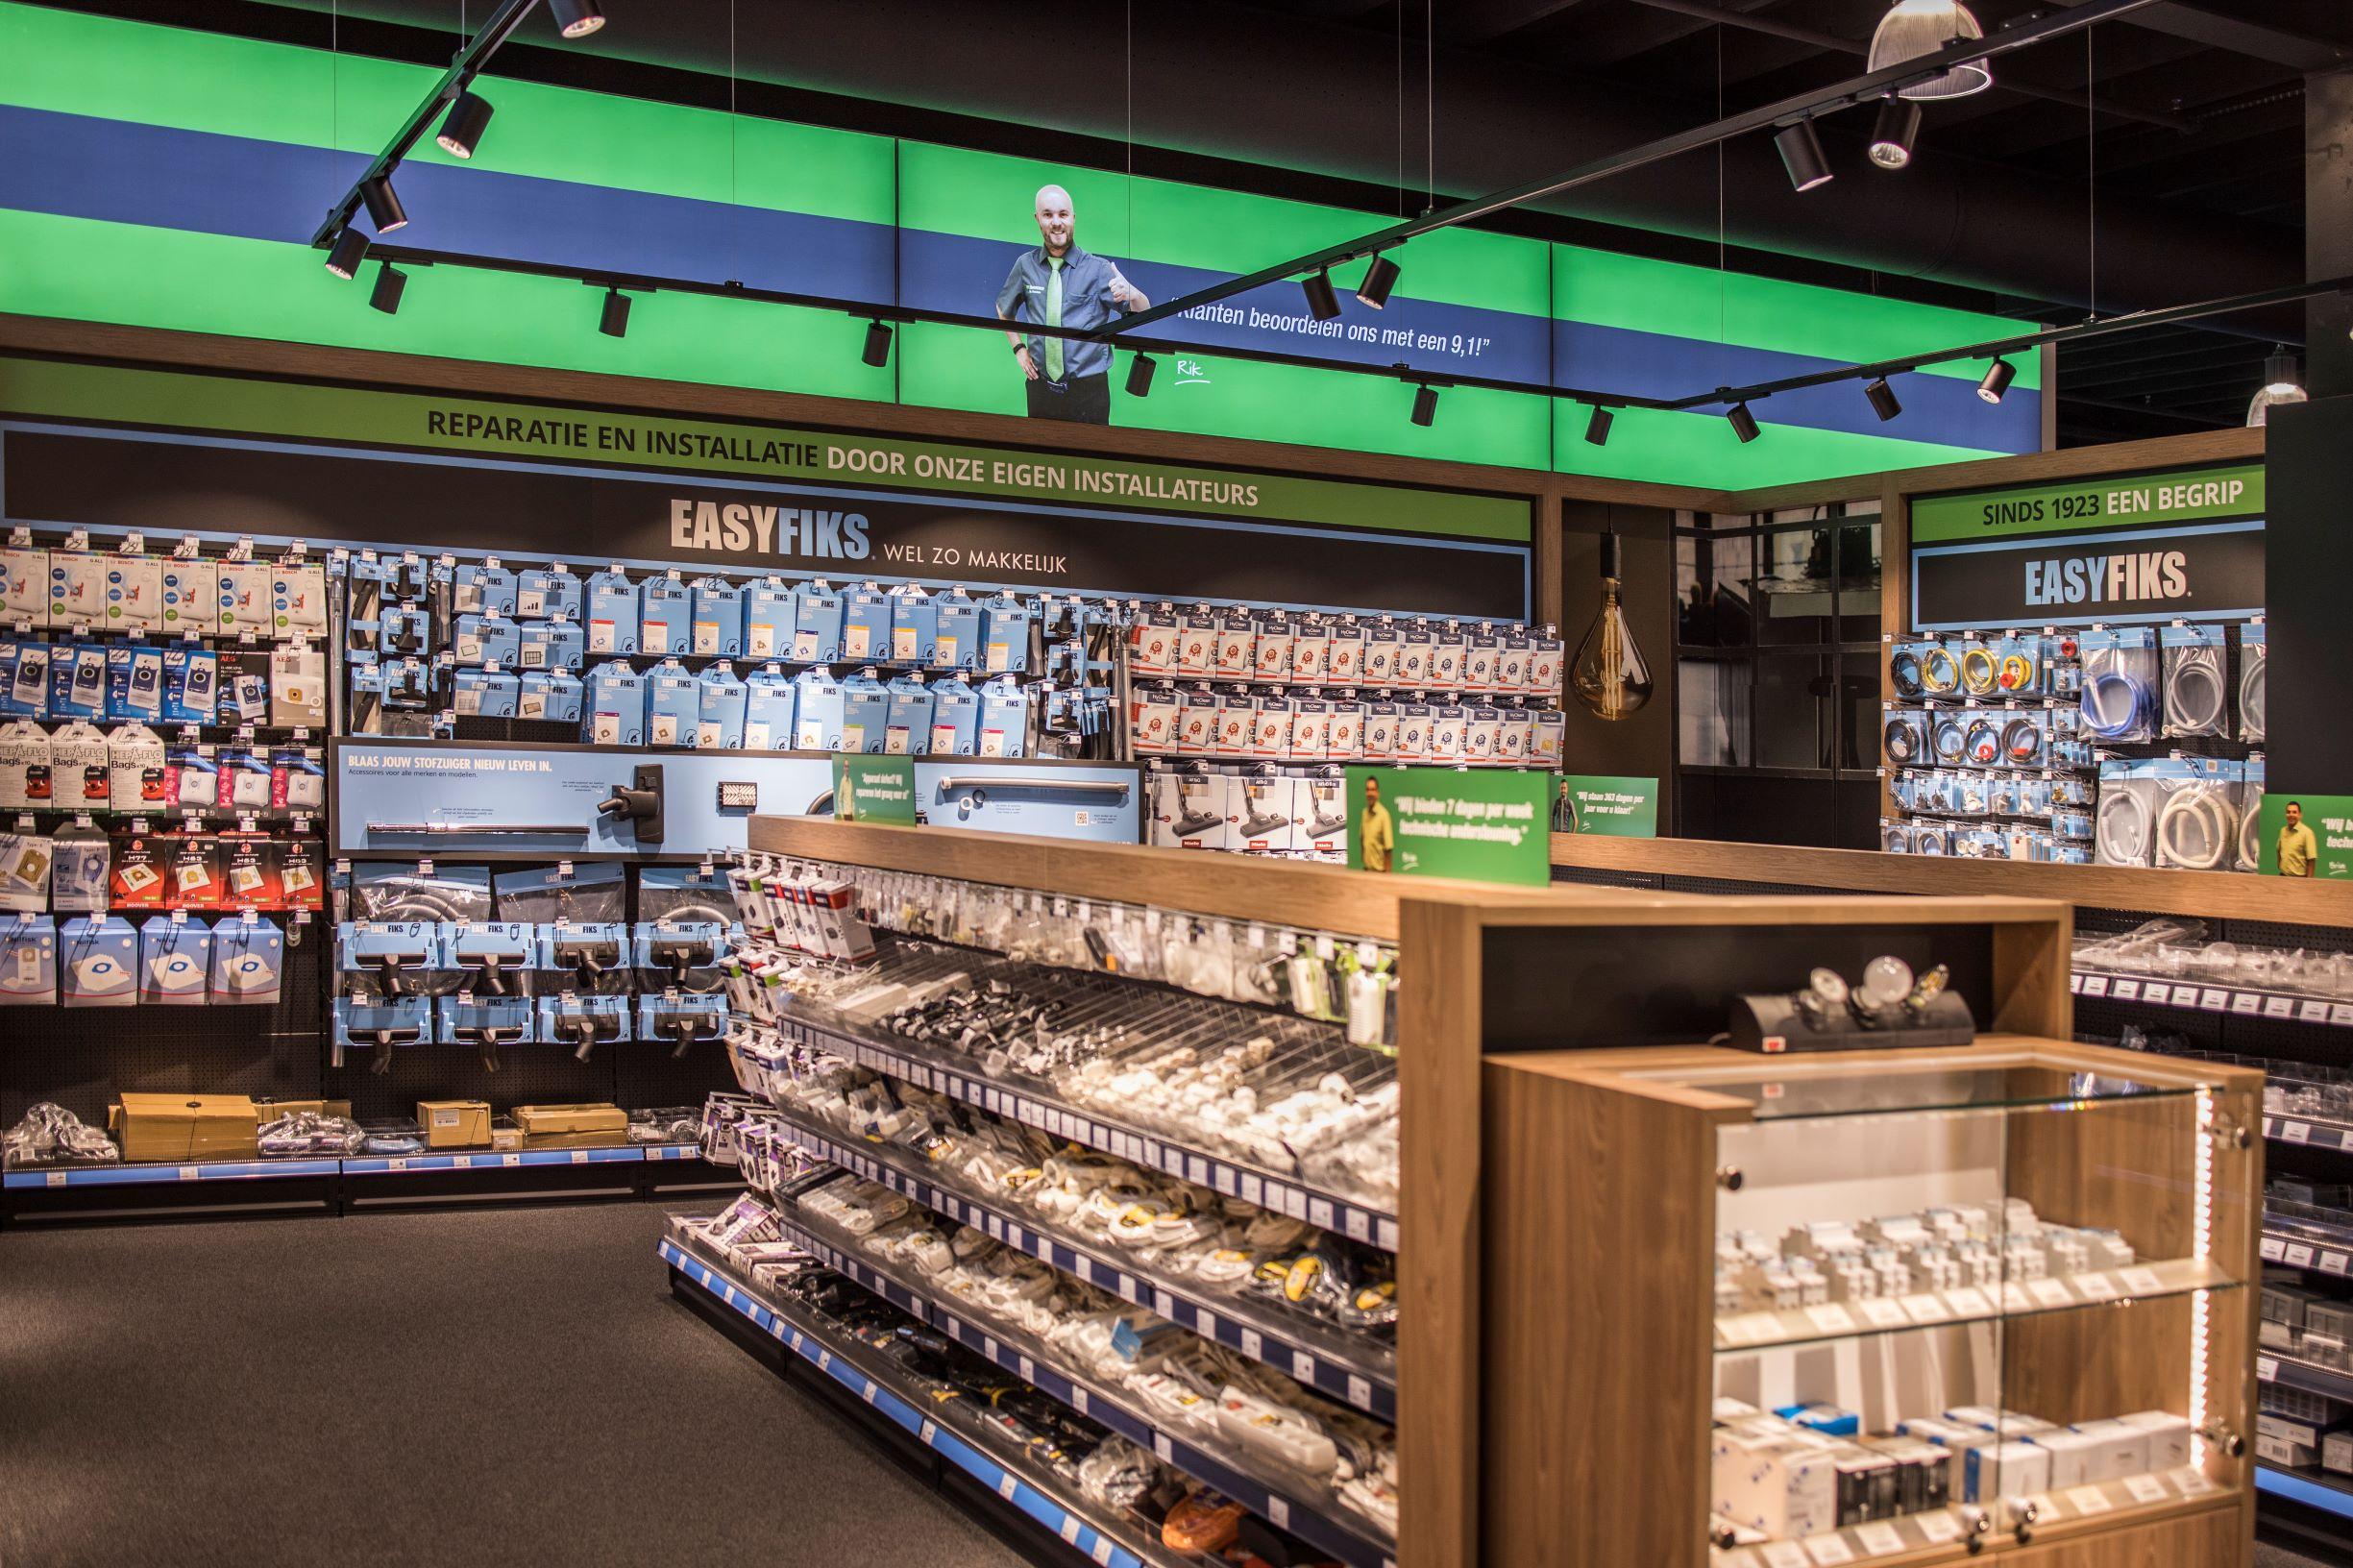 Easyfiks productlijn in de winkelschappen